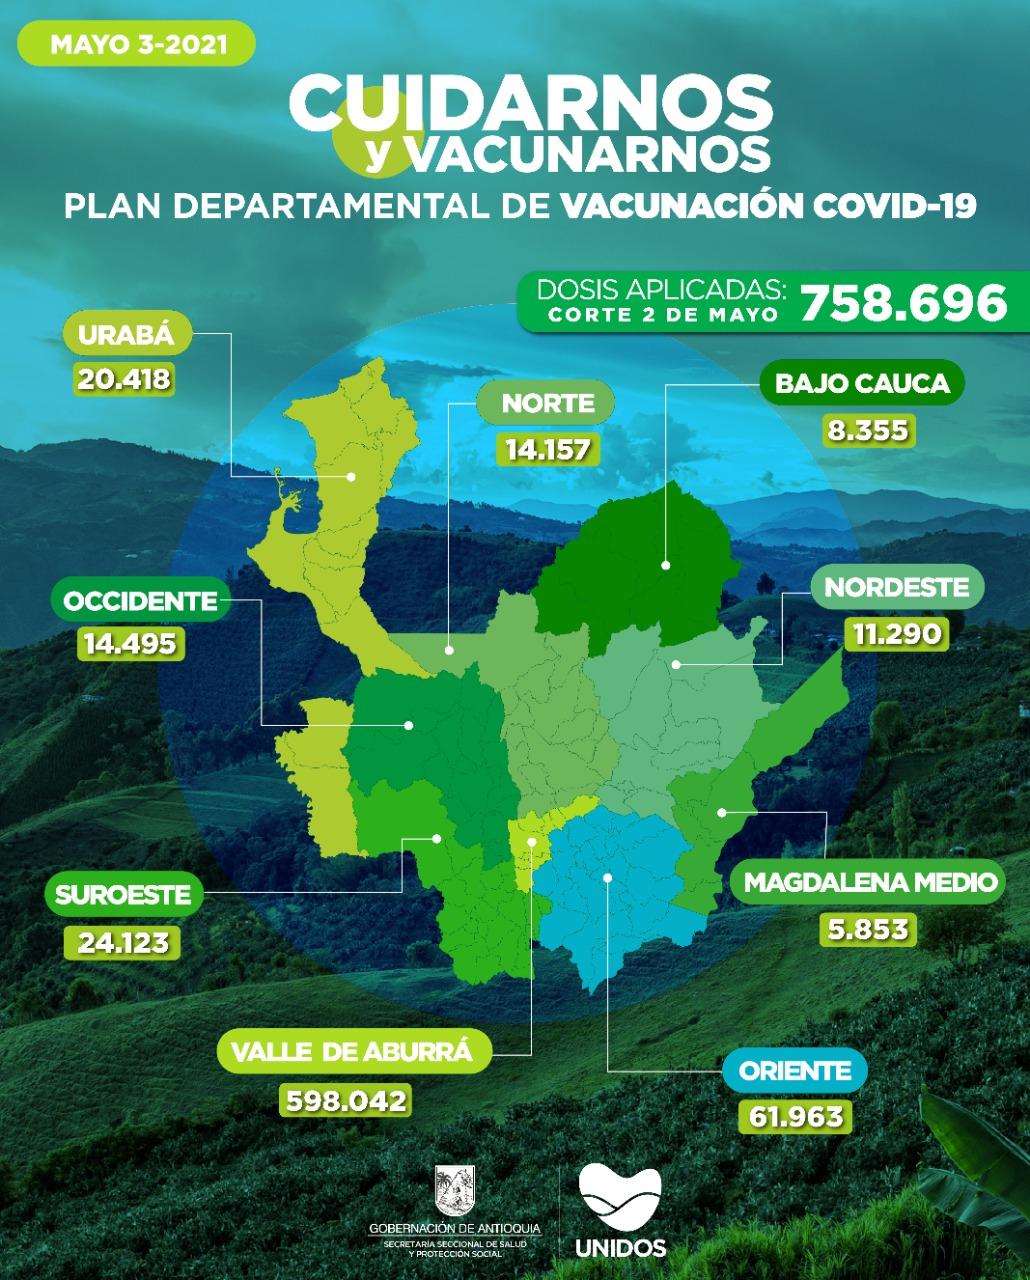 vacunados por regiones en antioquia 3 de mayo ElMetro.com.co